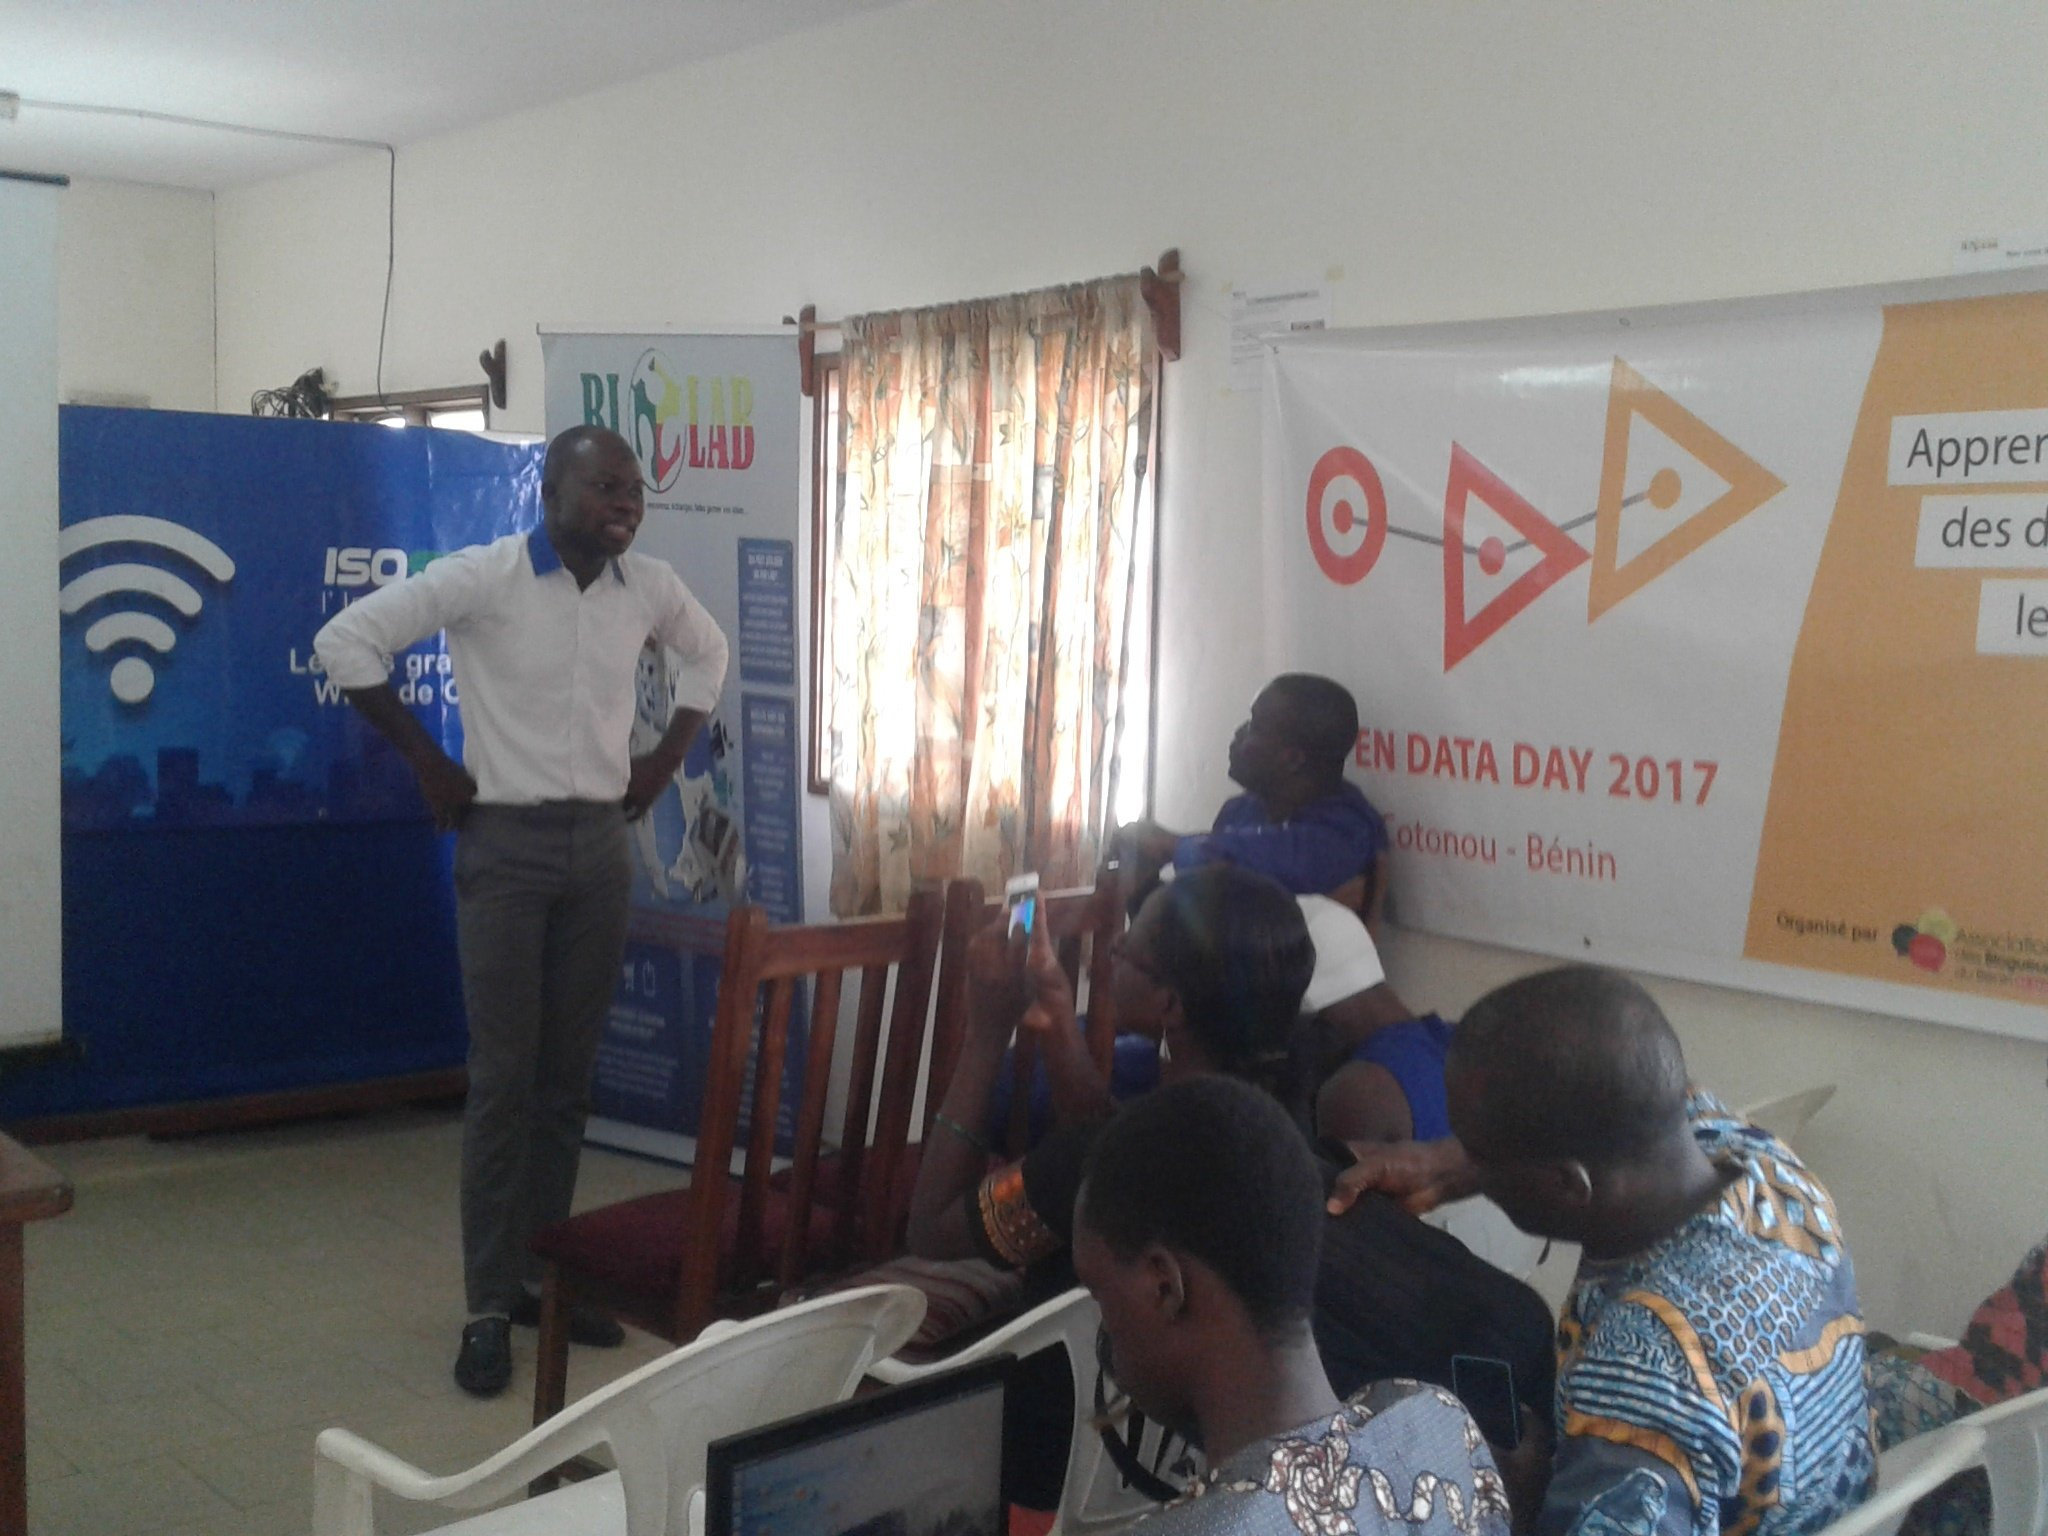 C'est parti pour le #OpenDataDay #Cotonou avec @Seigla qui lance les activités ici au @blolab_cotonou #wasexo https://t.co/broguHNiGo